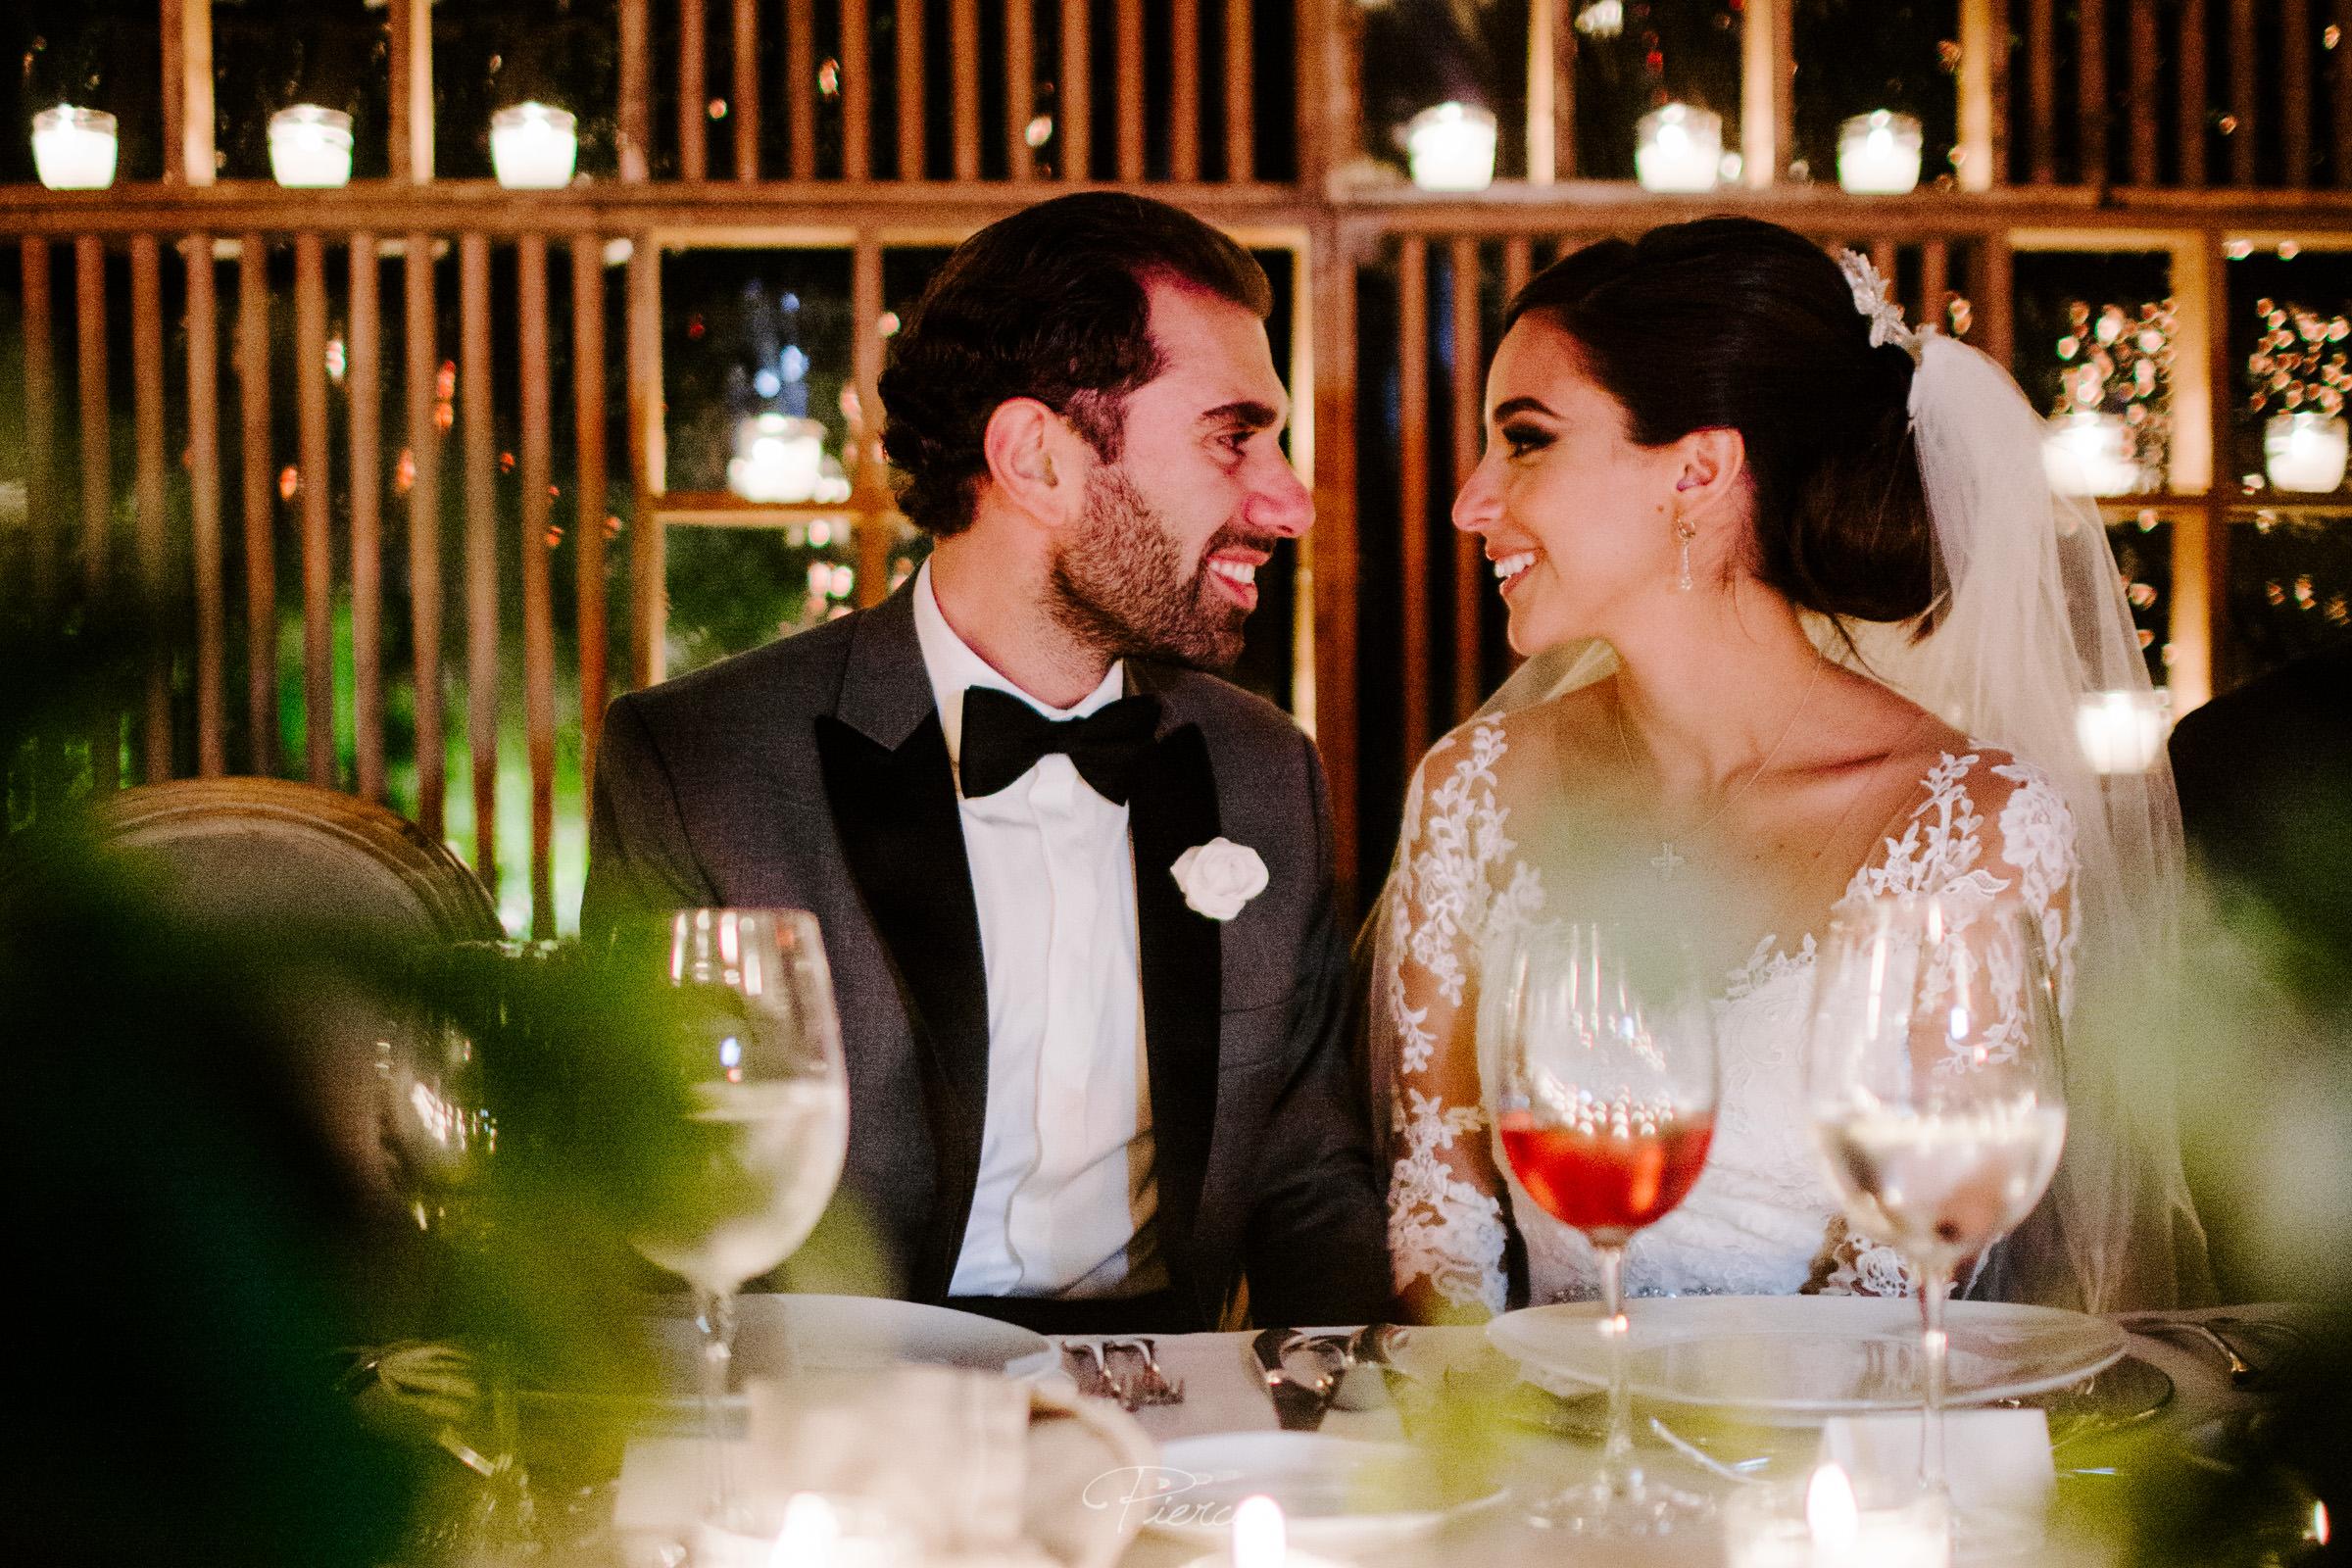 fotografia-de-boda-valle-de-bravo-mexico-rosmarino-pierce-weddings-0163.JPG